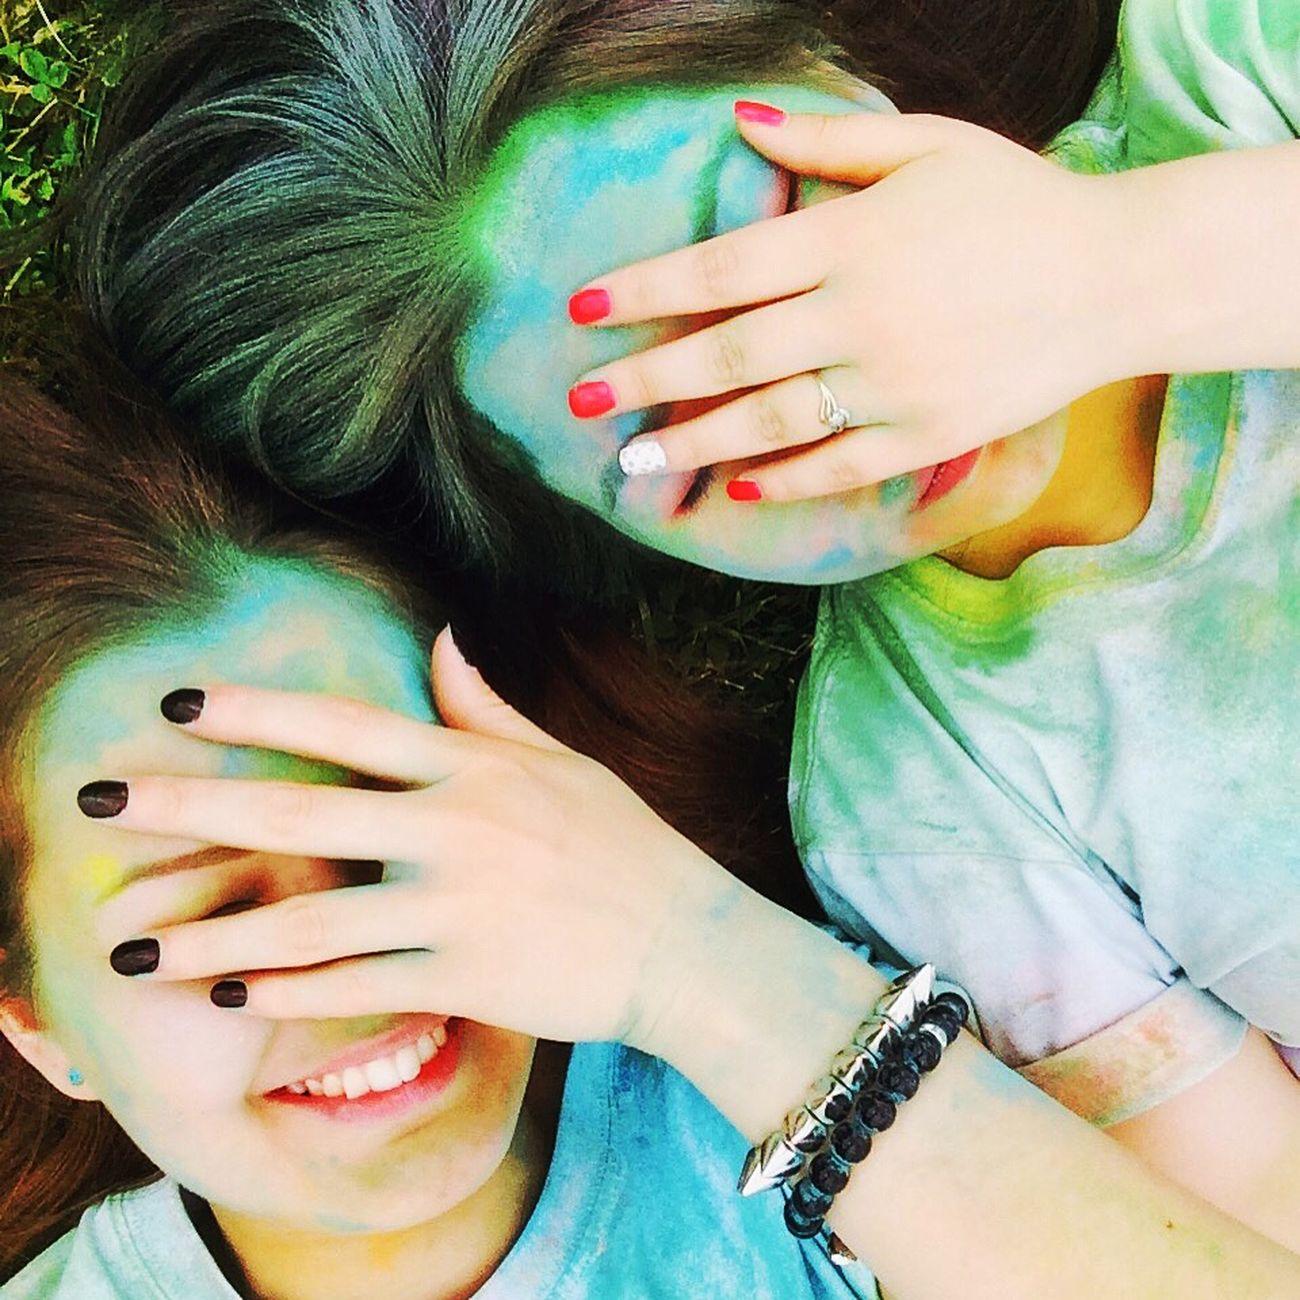 Myfriend Yarkocross2015 Almaty